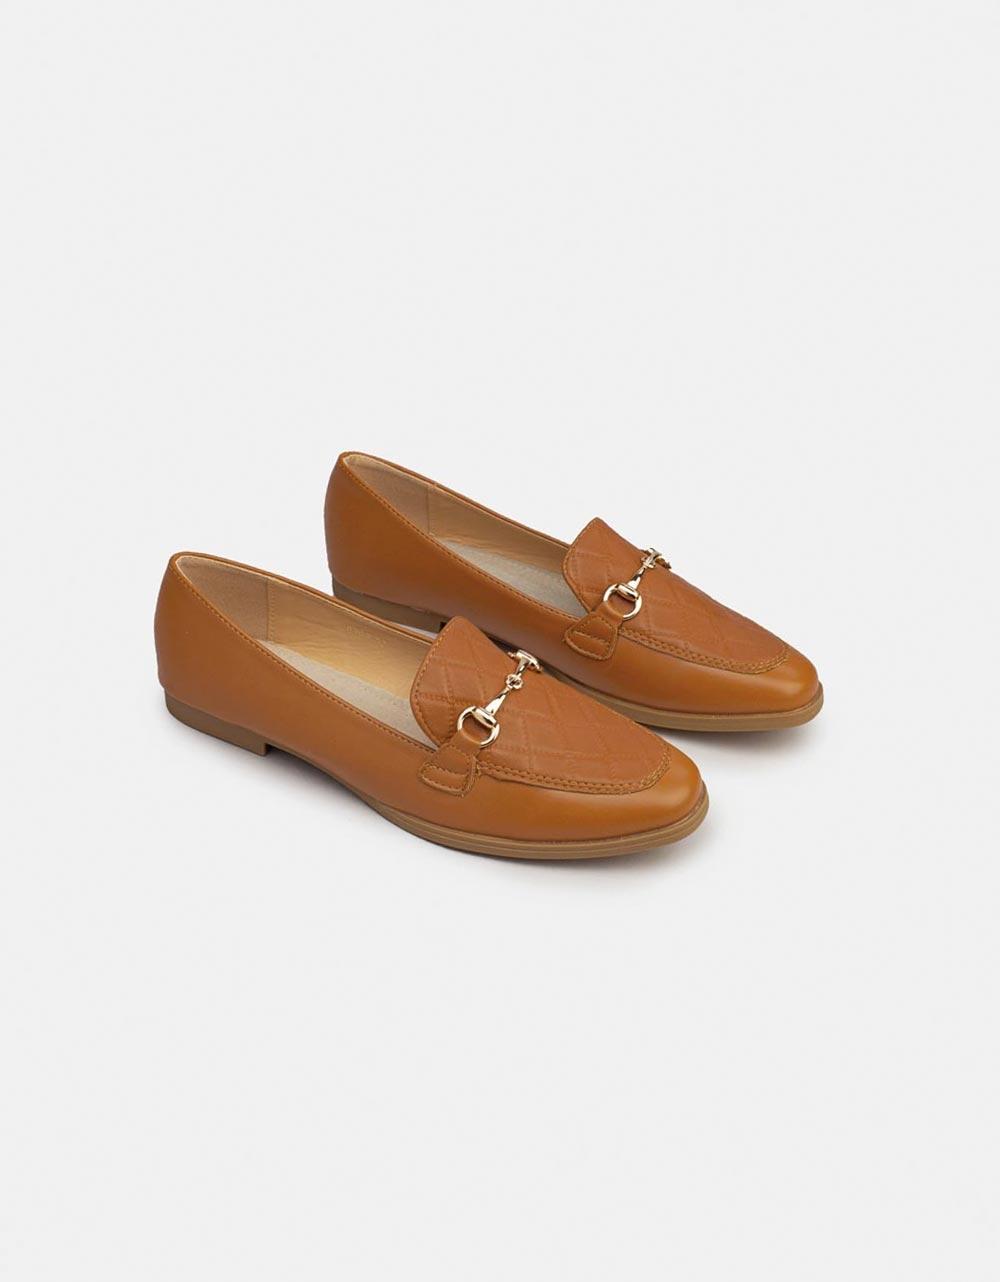 Εικόνα από Γυναικεία Flat loafers με μεταλλική αγκράφα Ταμπά